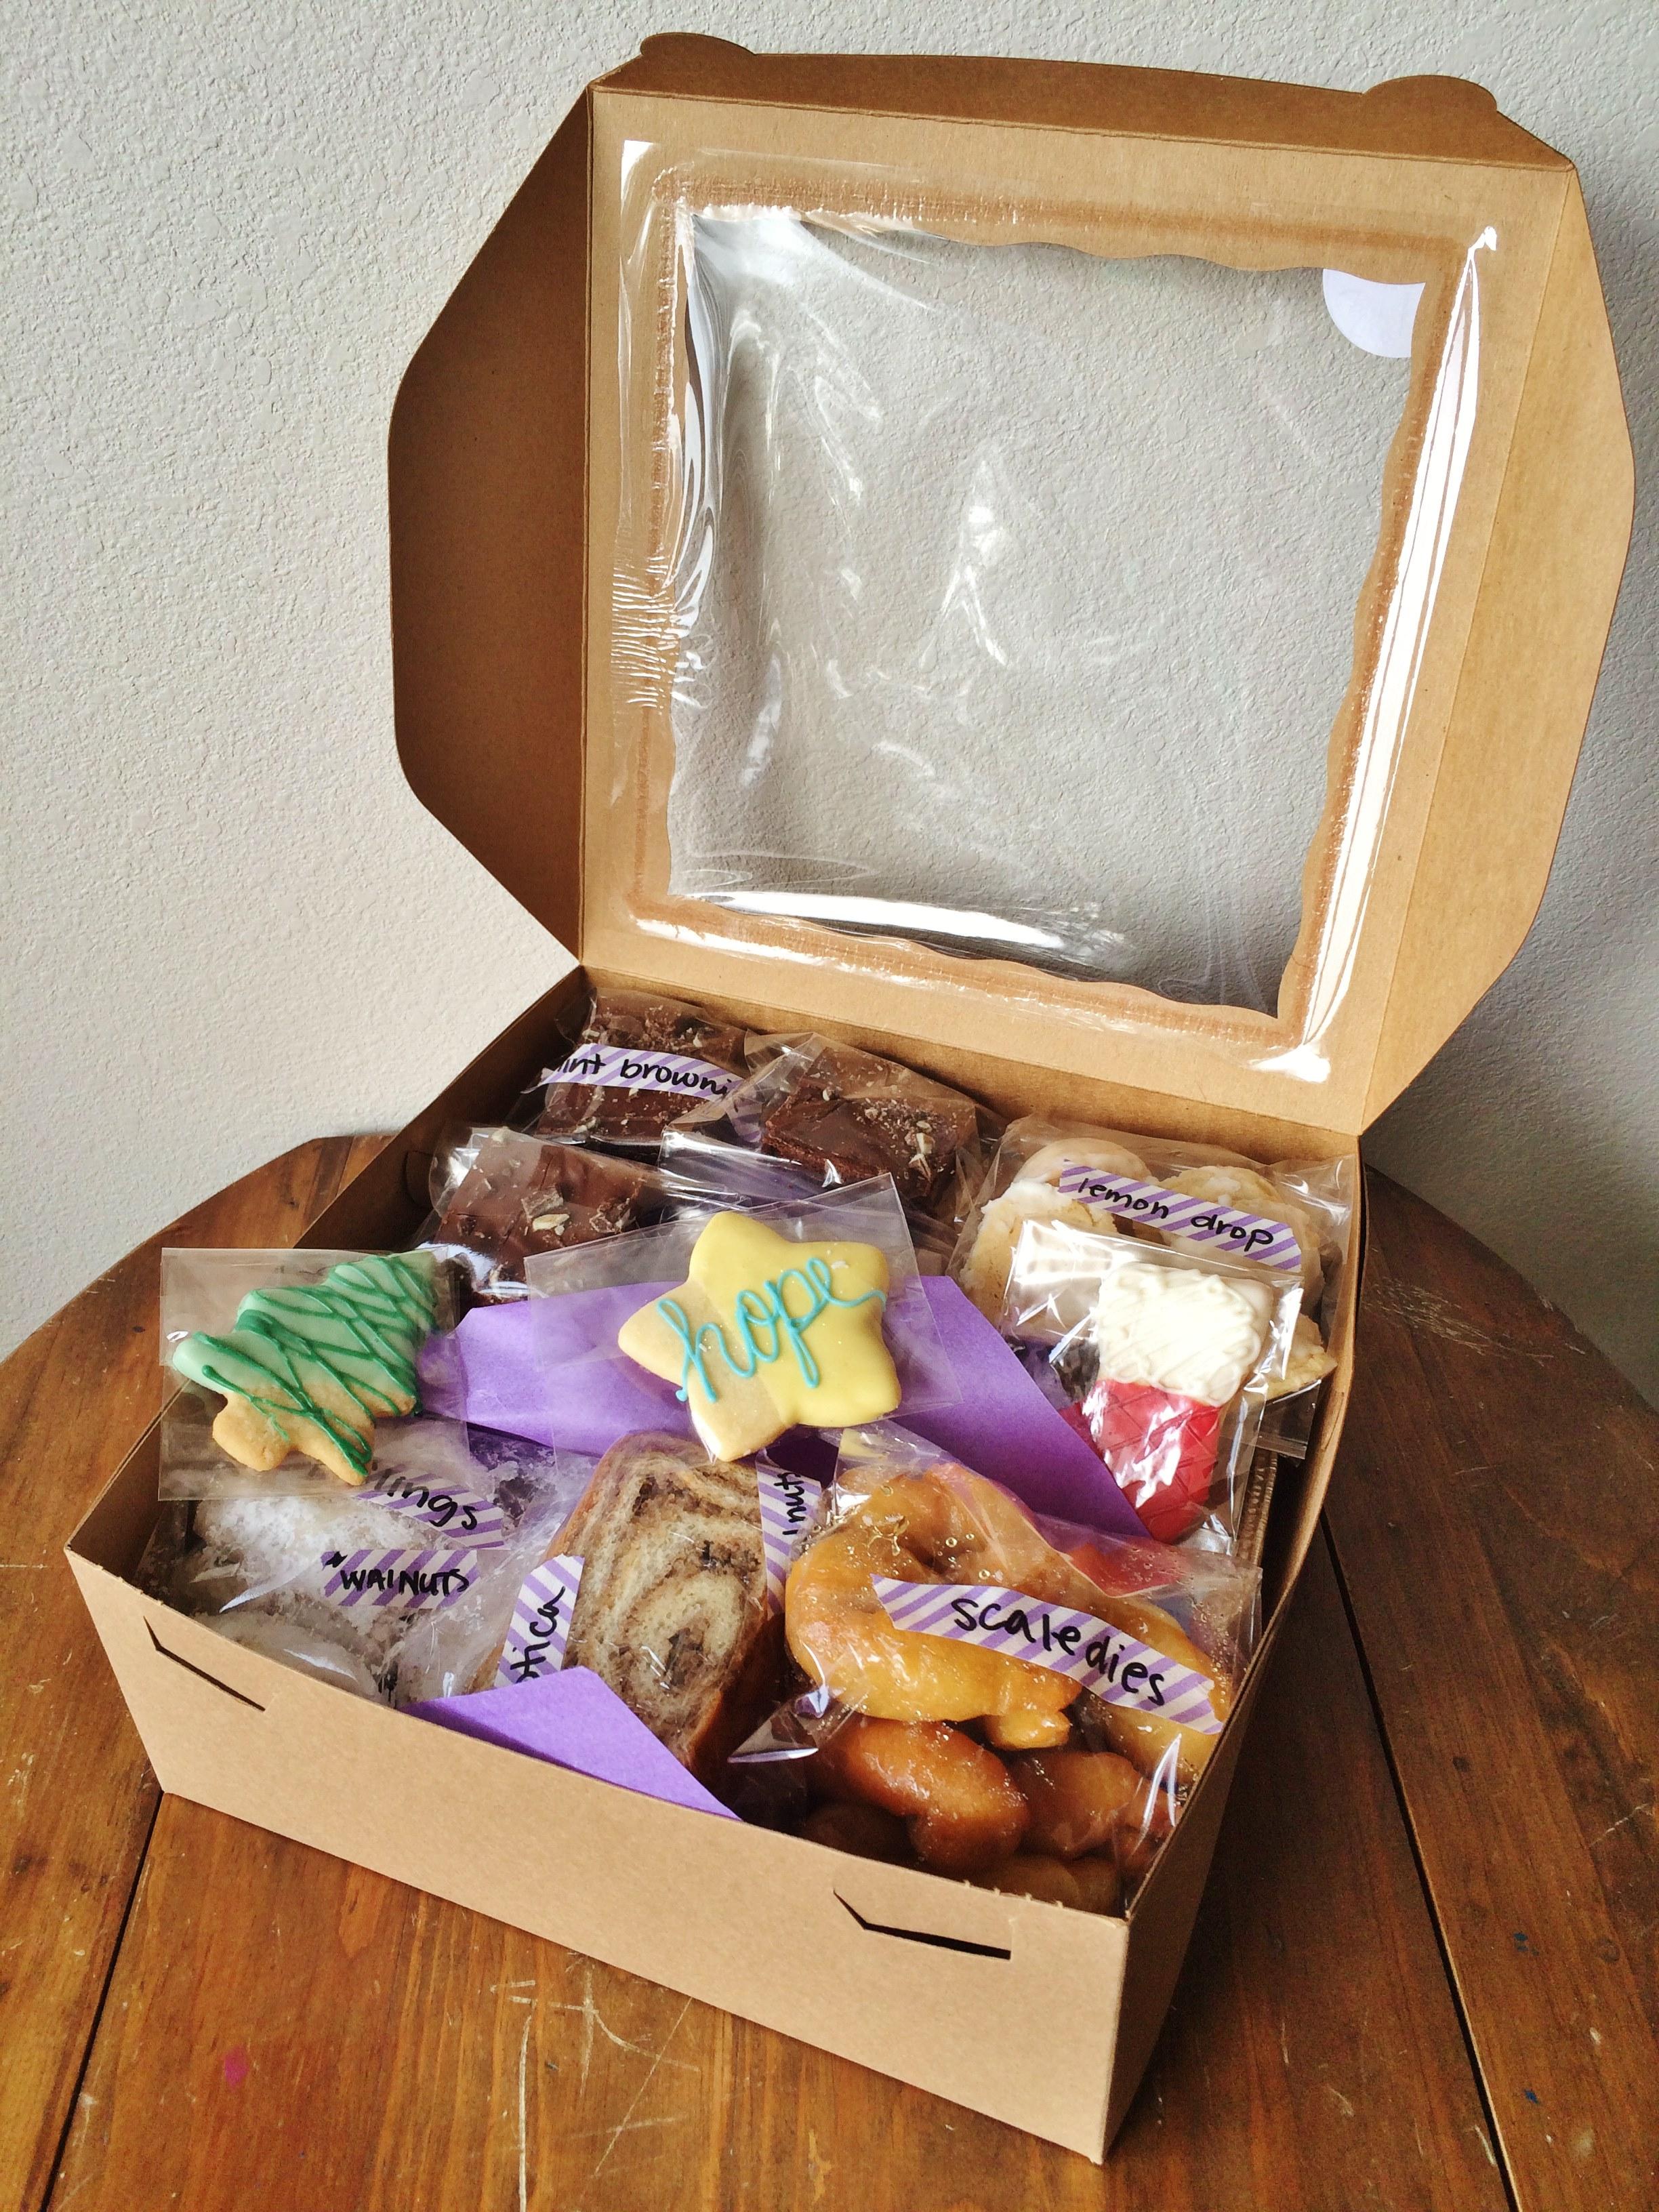 2014 Christmas Sampler Box